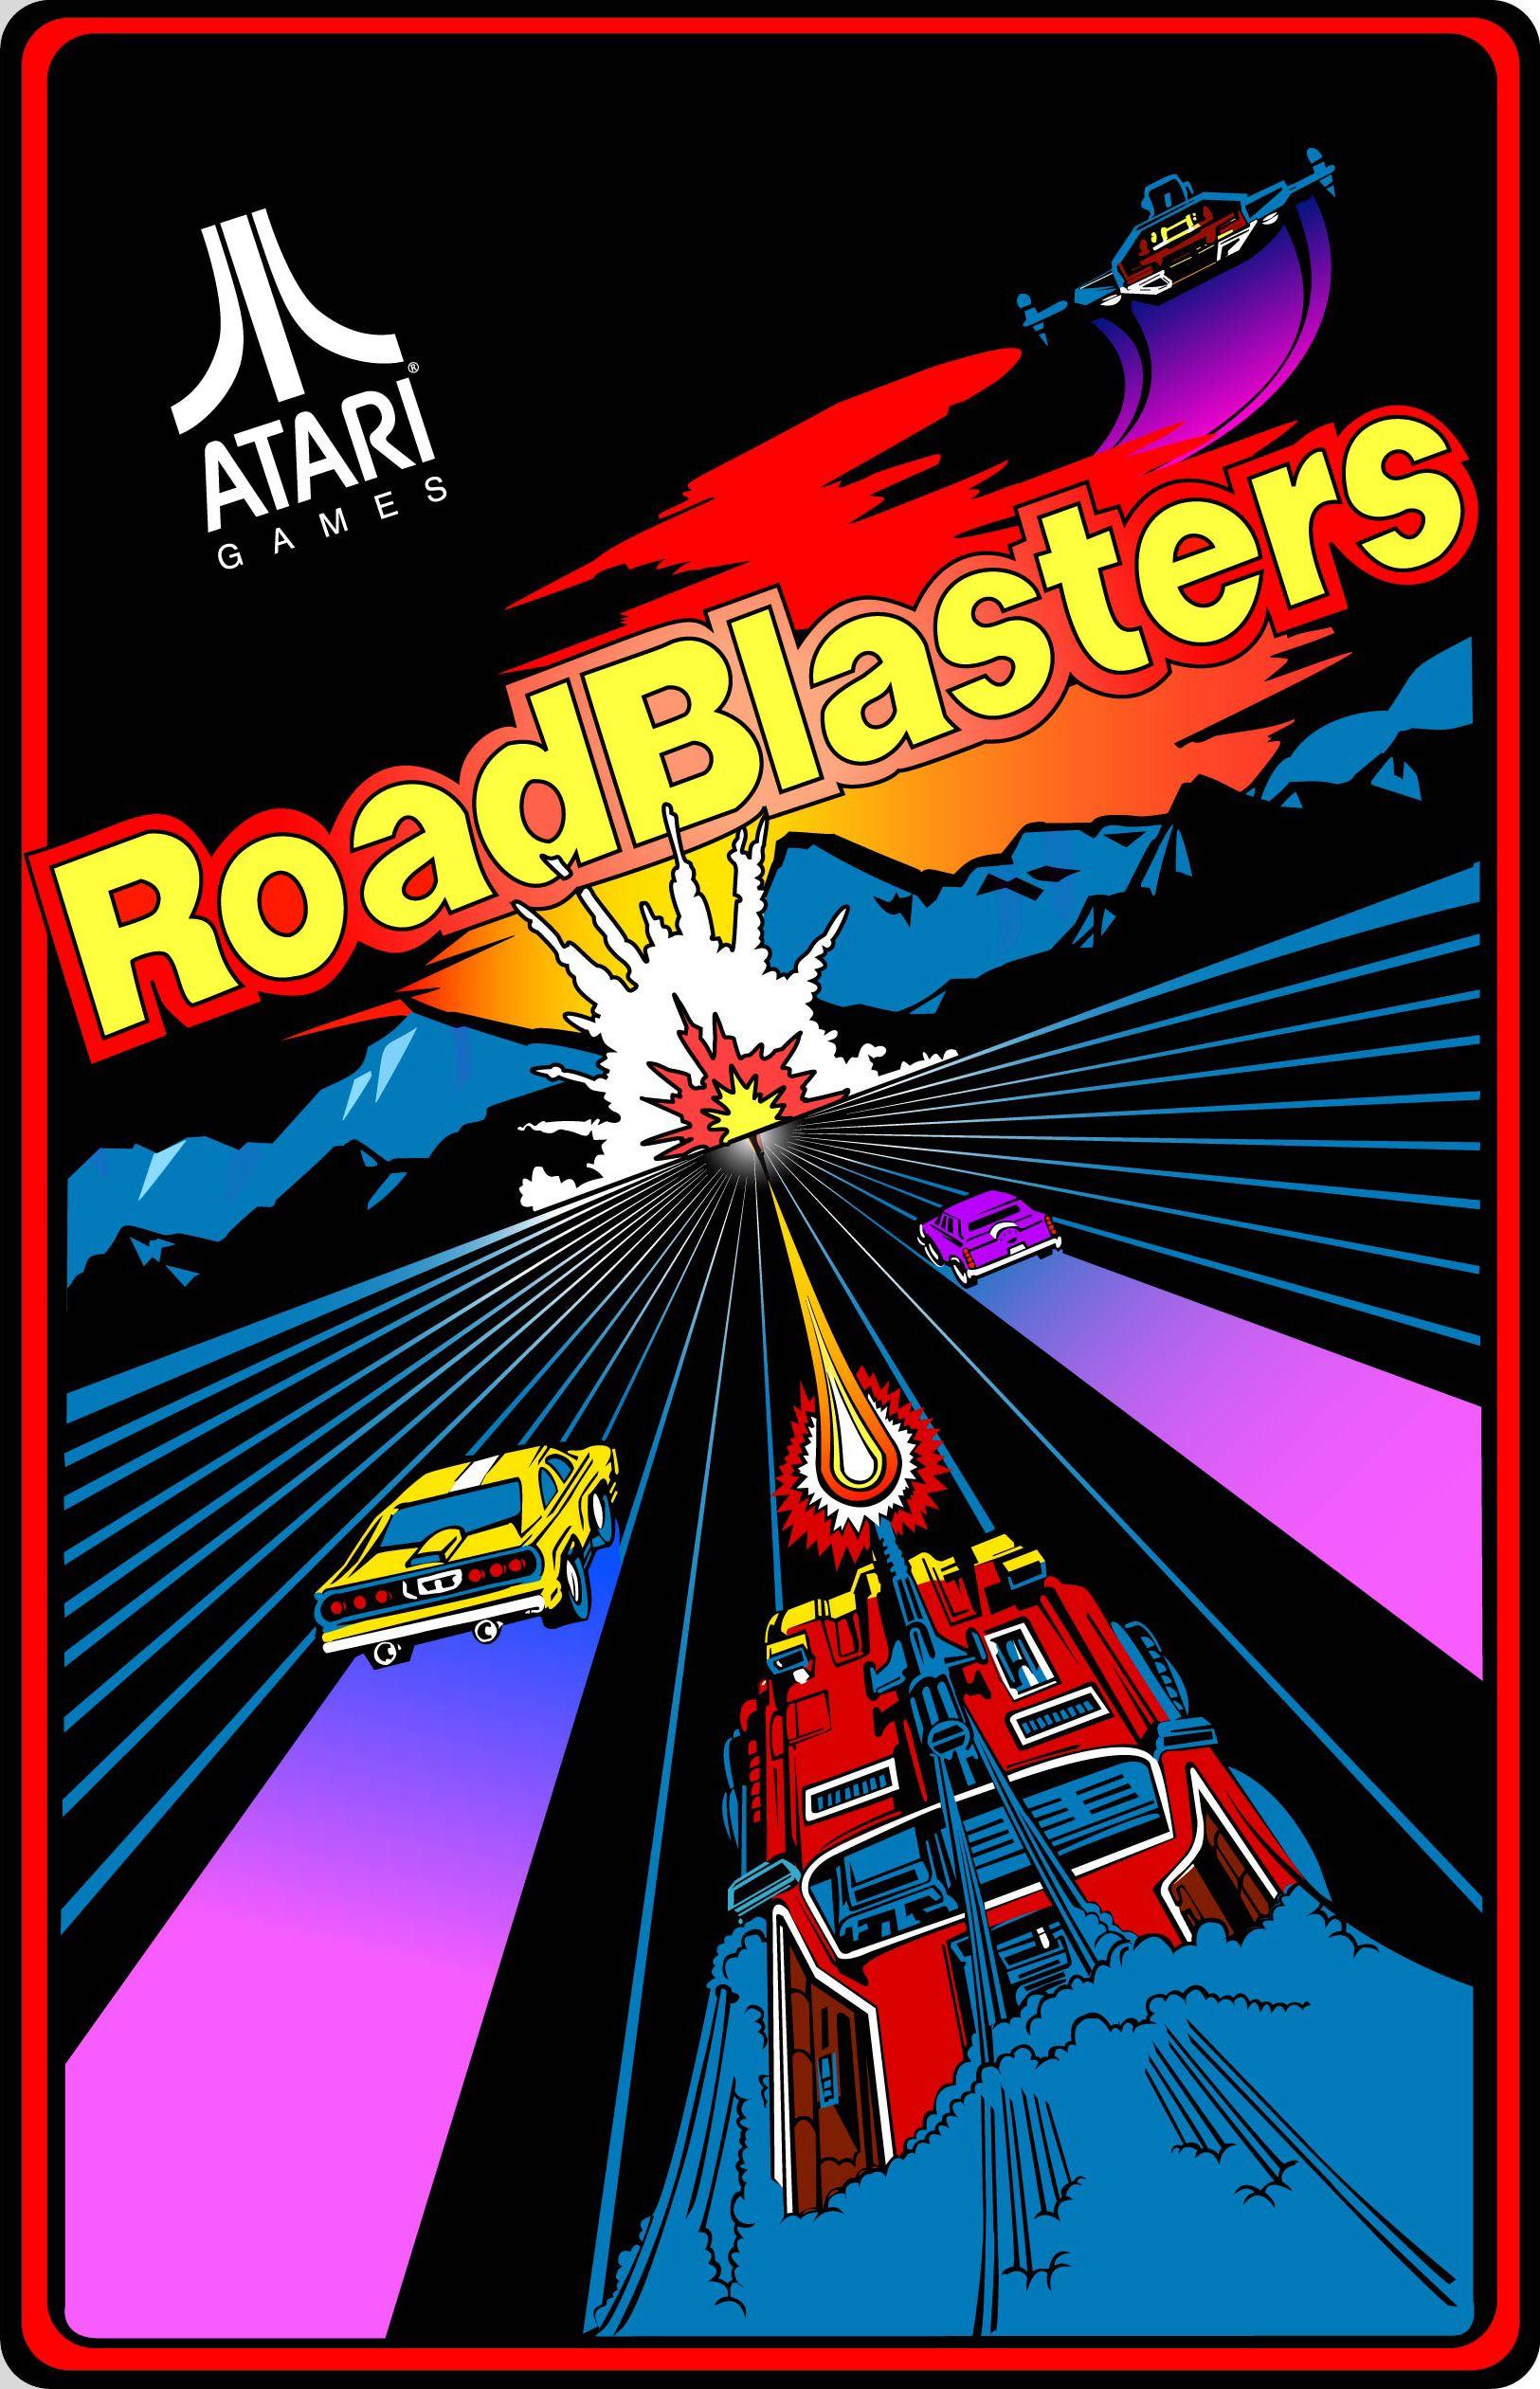 Roadblasters Arcade Game Arcade Arcade Games Retro